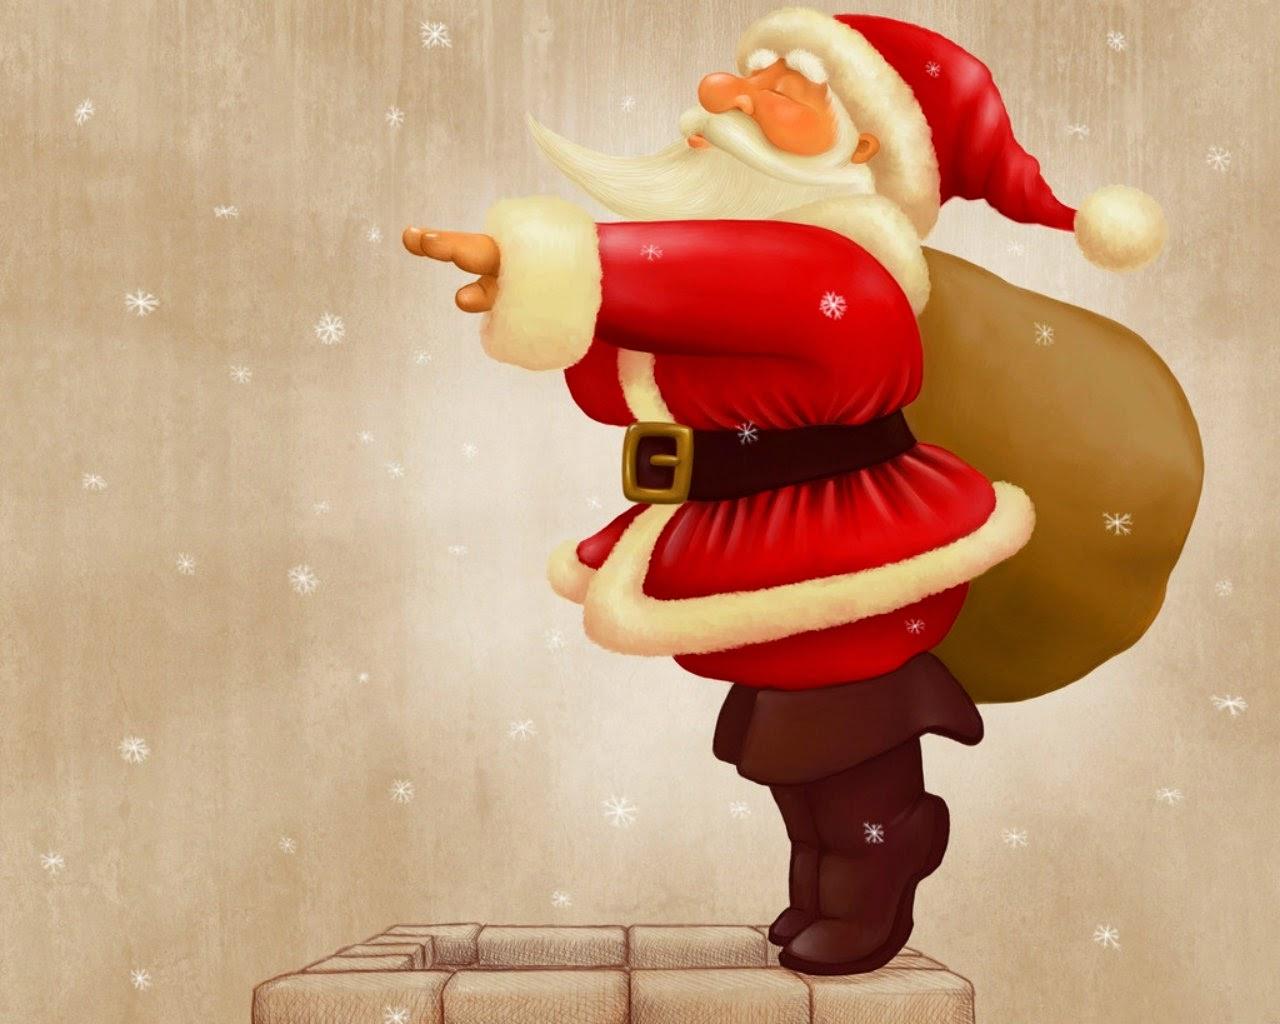 Santa-trying-to-fly-in-sky-funny-cartoon-image1280x1024.jpg